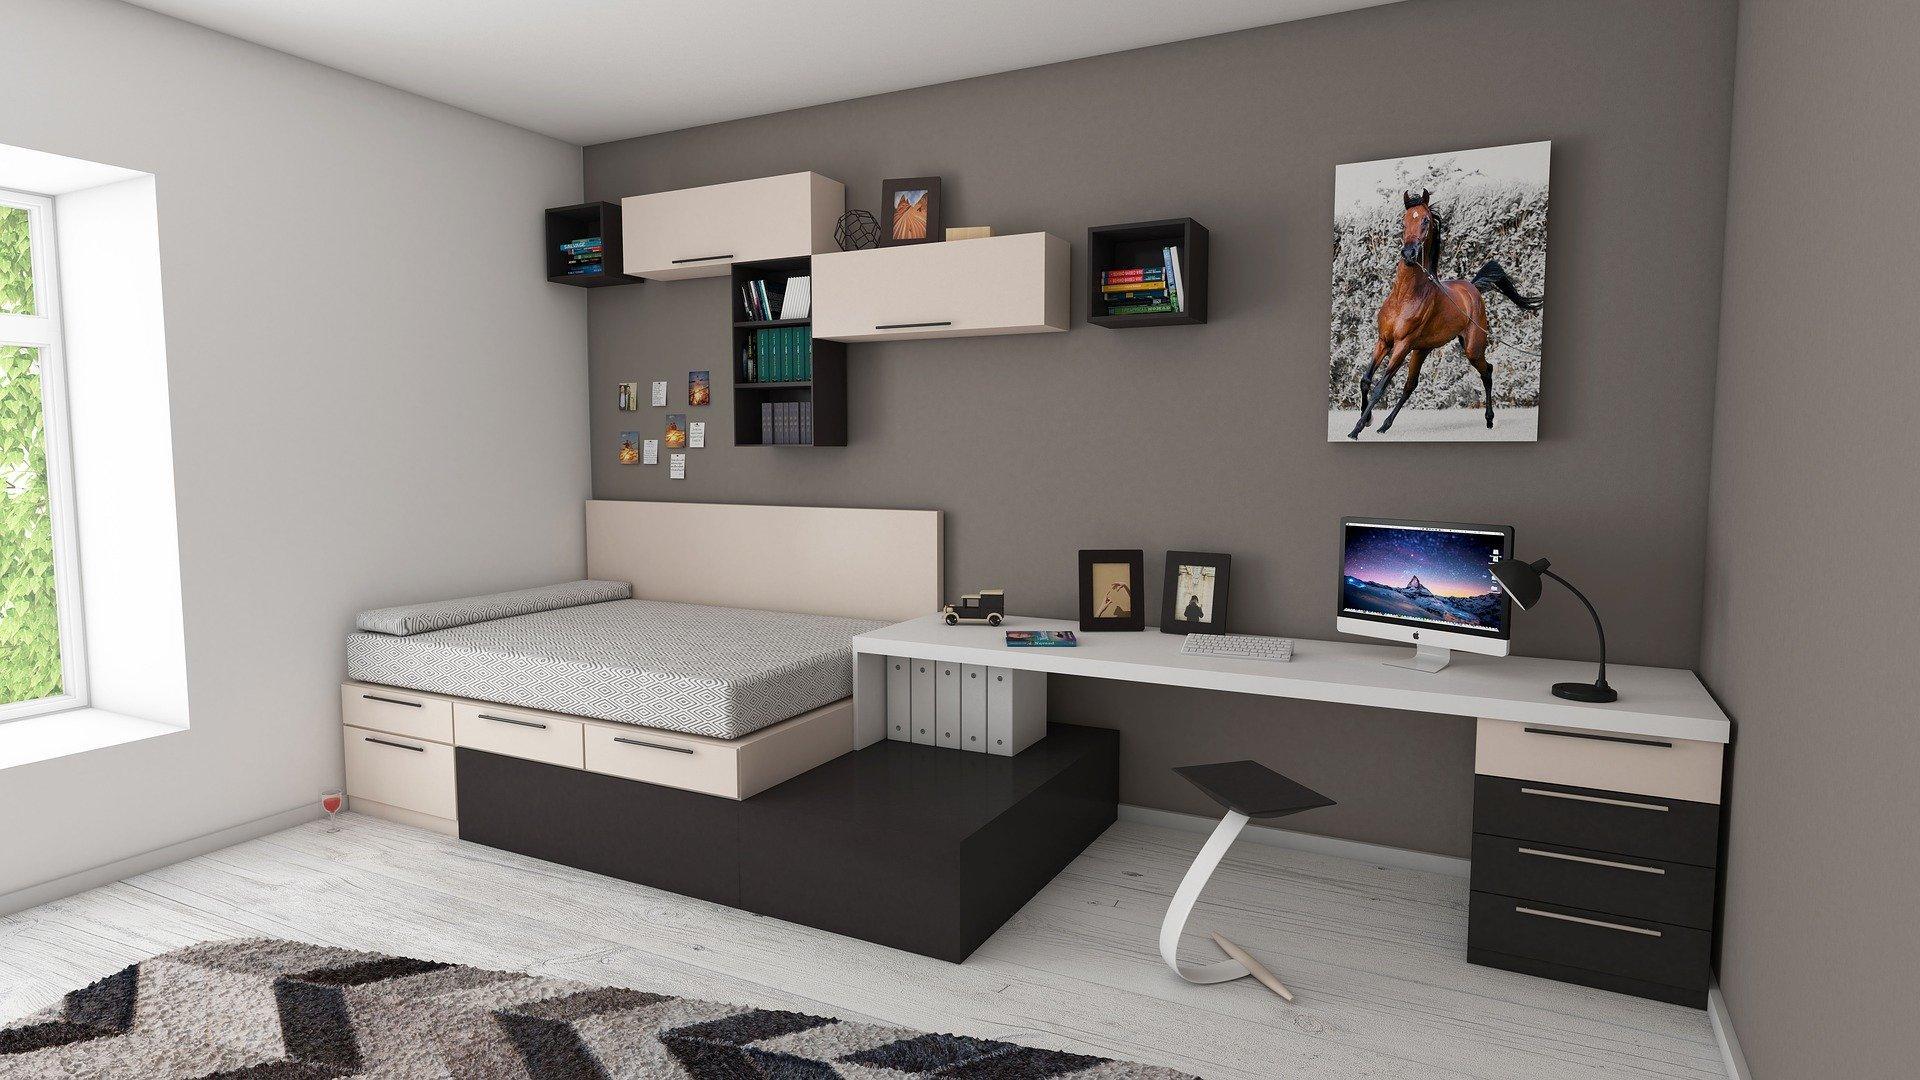 Kleine Wohnung einrichten: So sparen Sie Platz